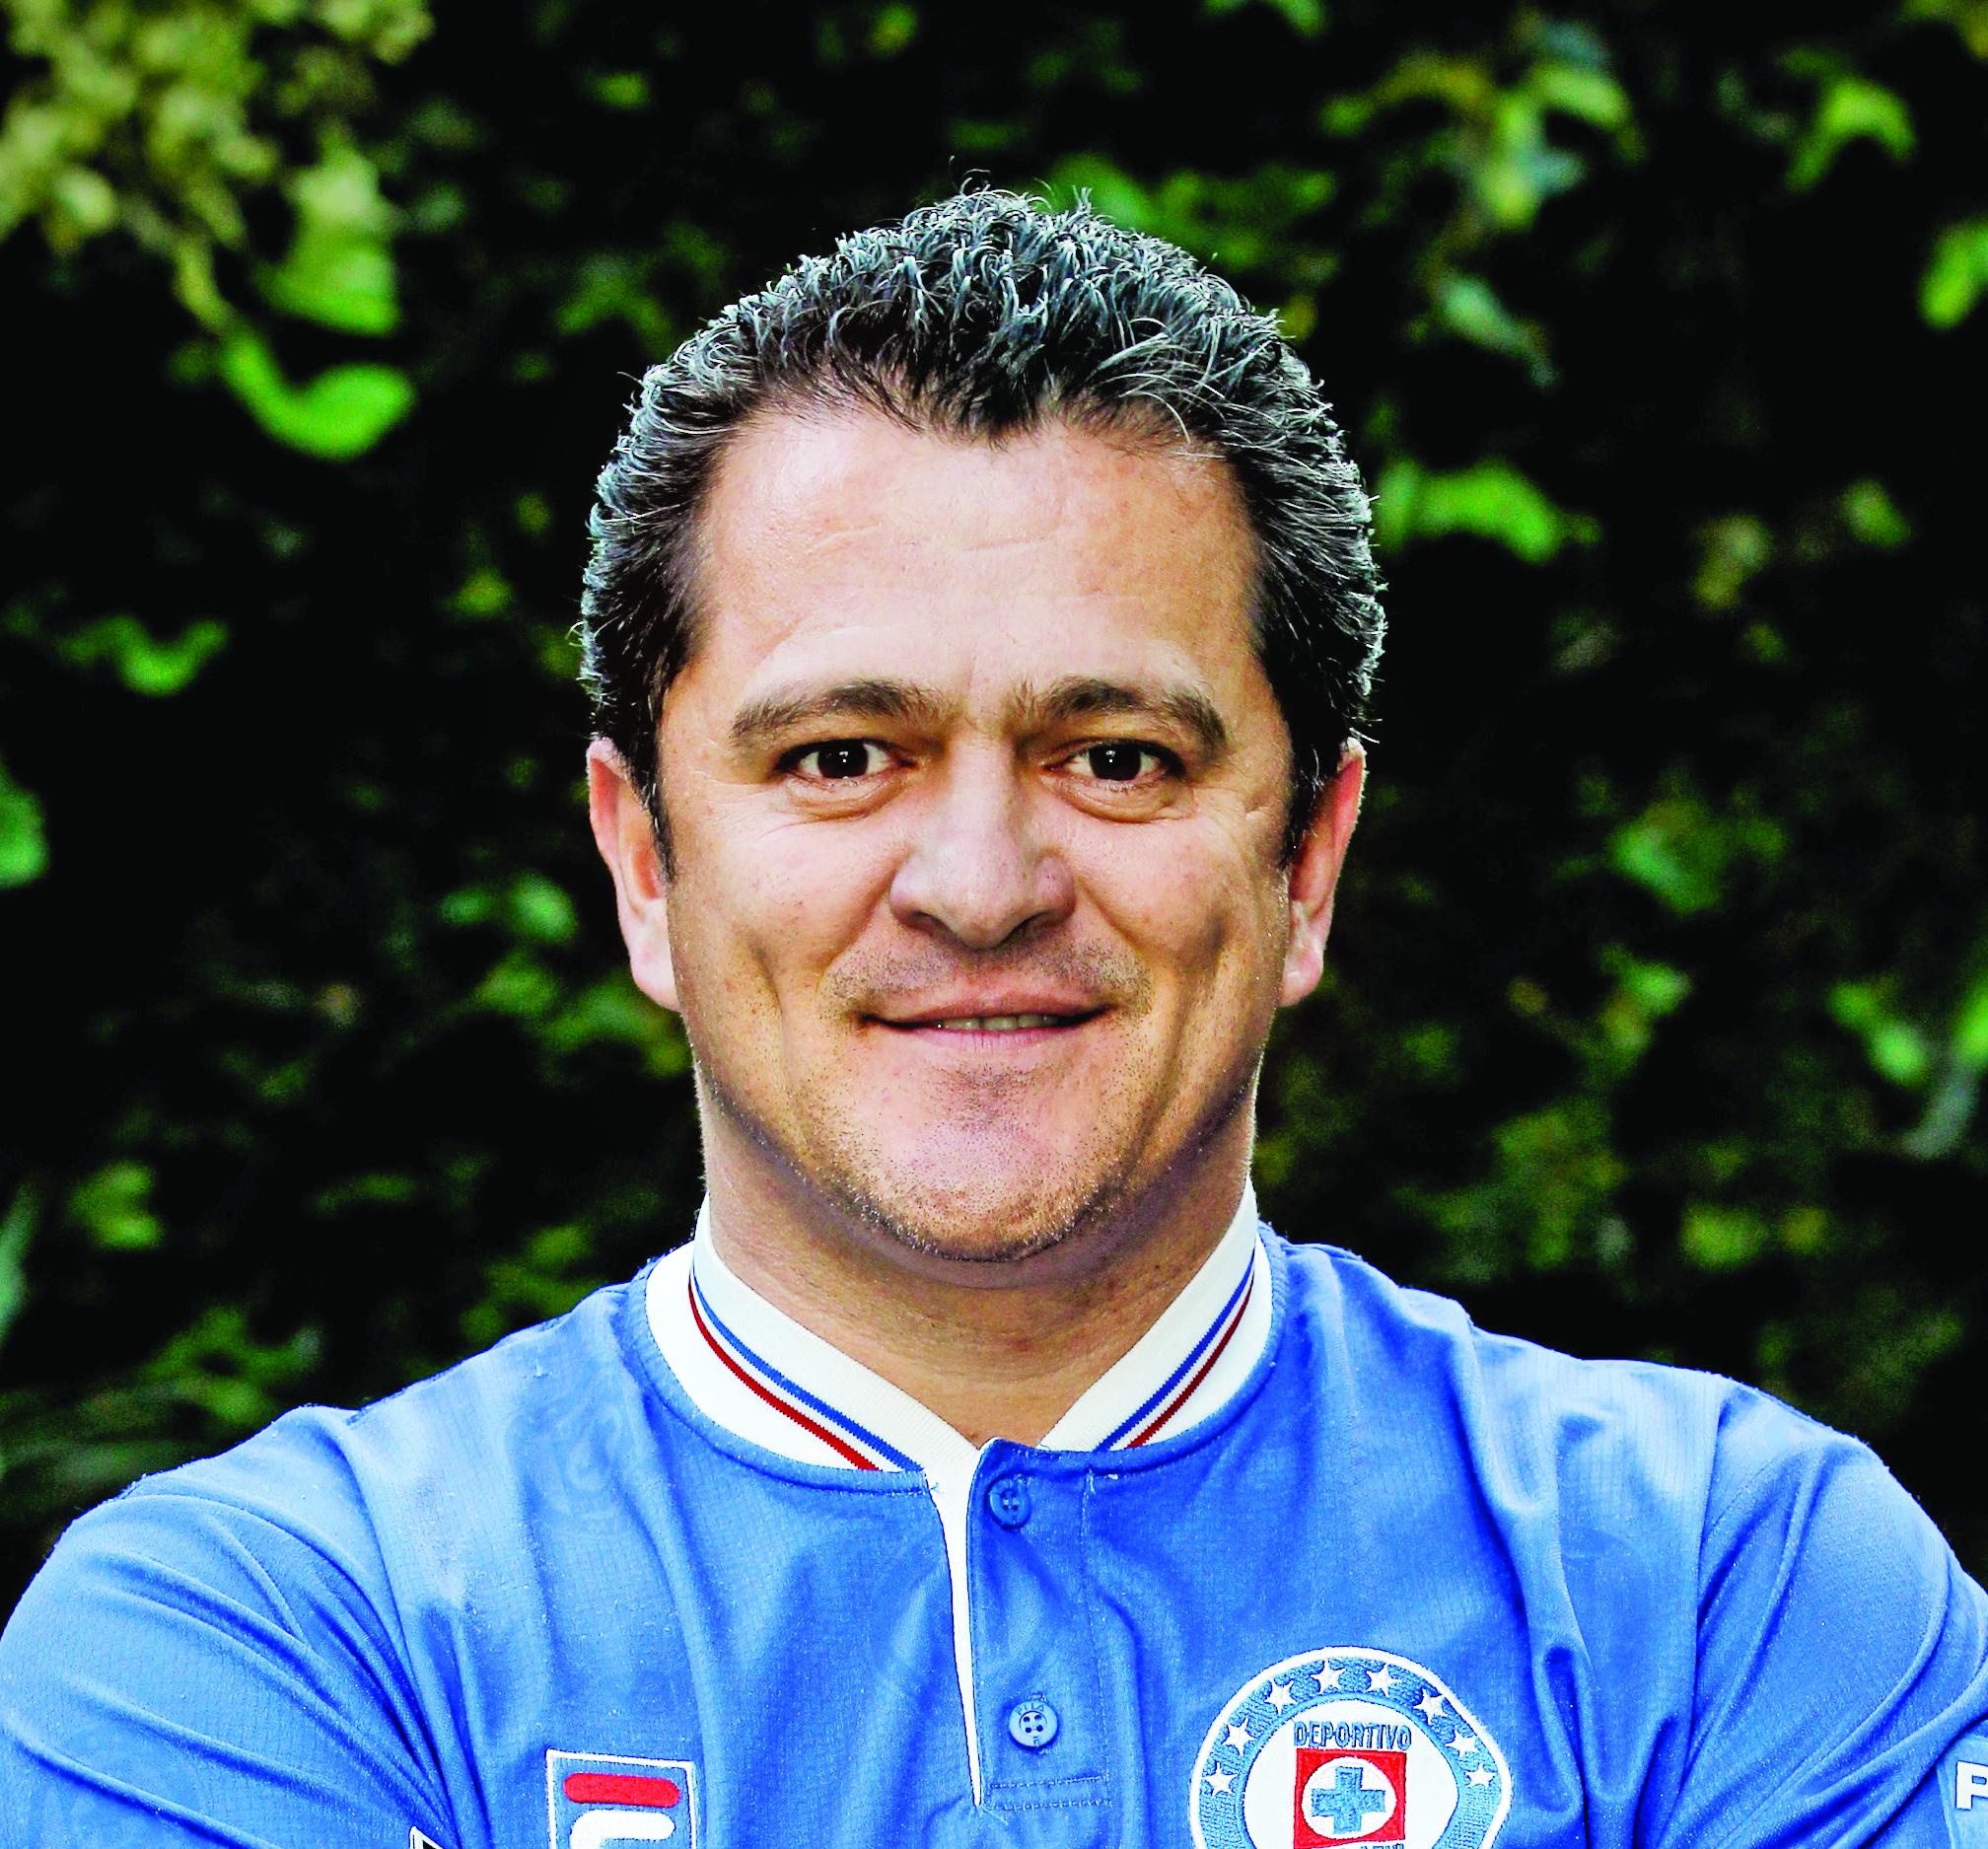 Carajo, seguimos siendo sus hijos: Carlos Hermosillo